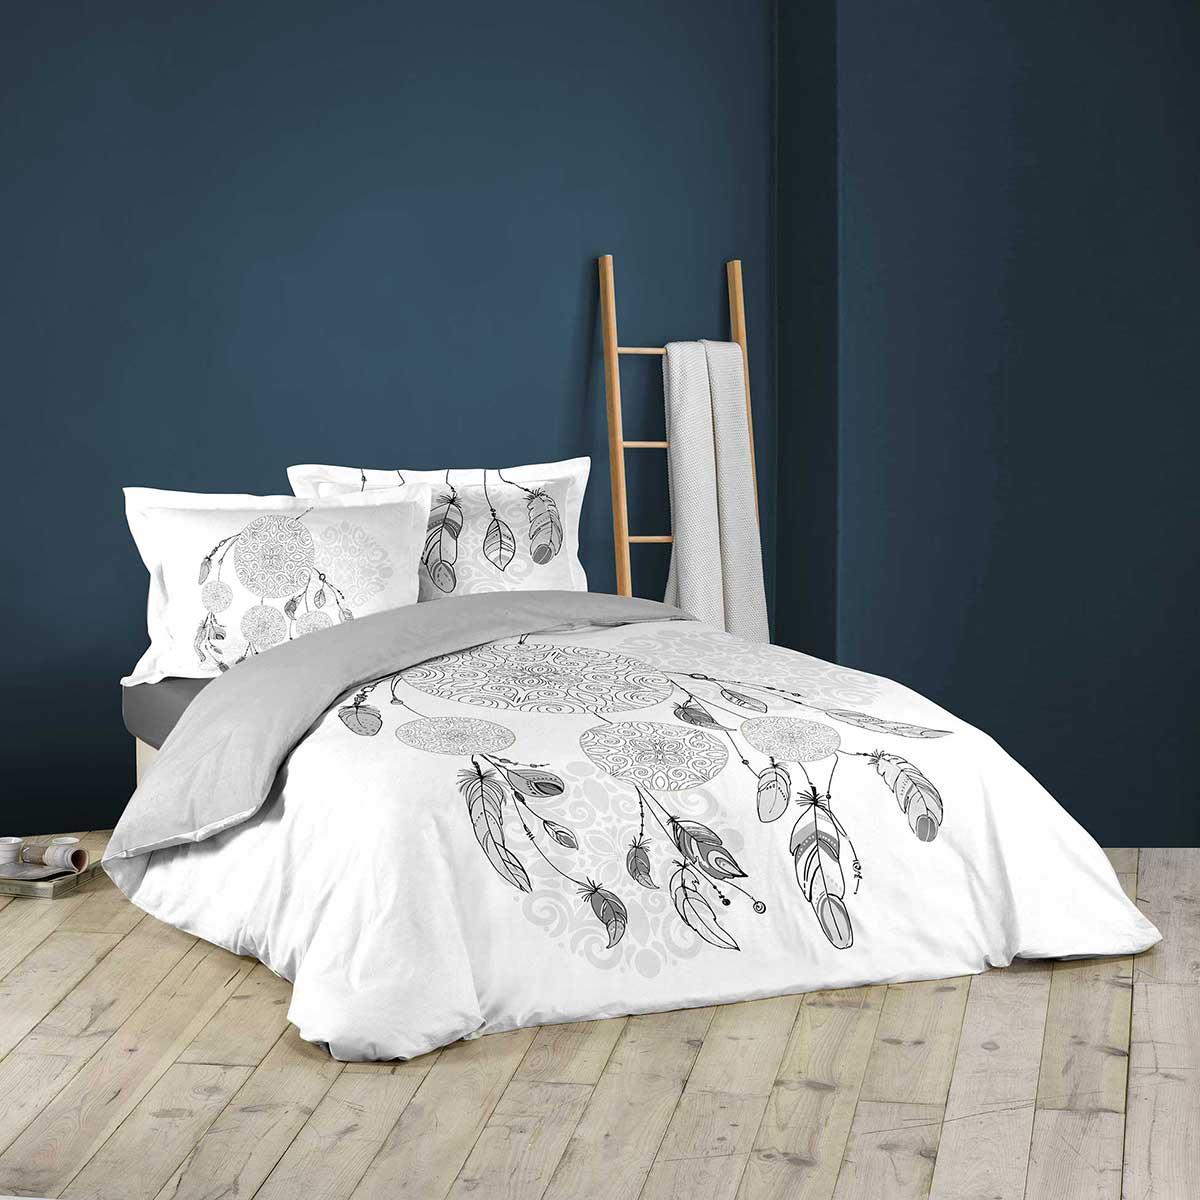 Parure de couette imprimée motifs amériendiens - blanc / gris - 240 x 220 cm + 2T